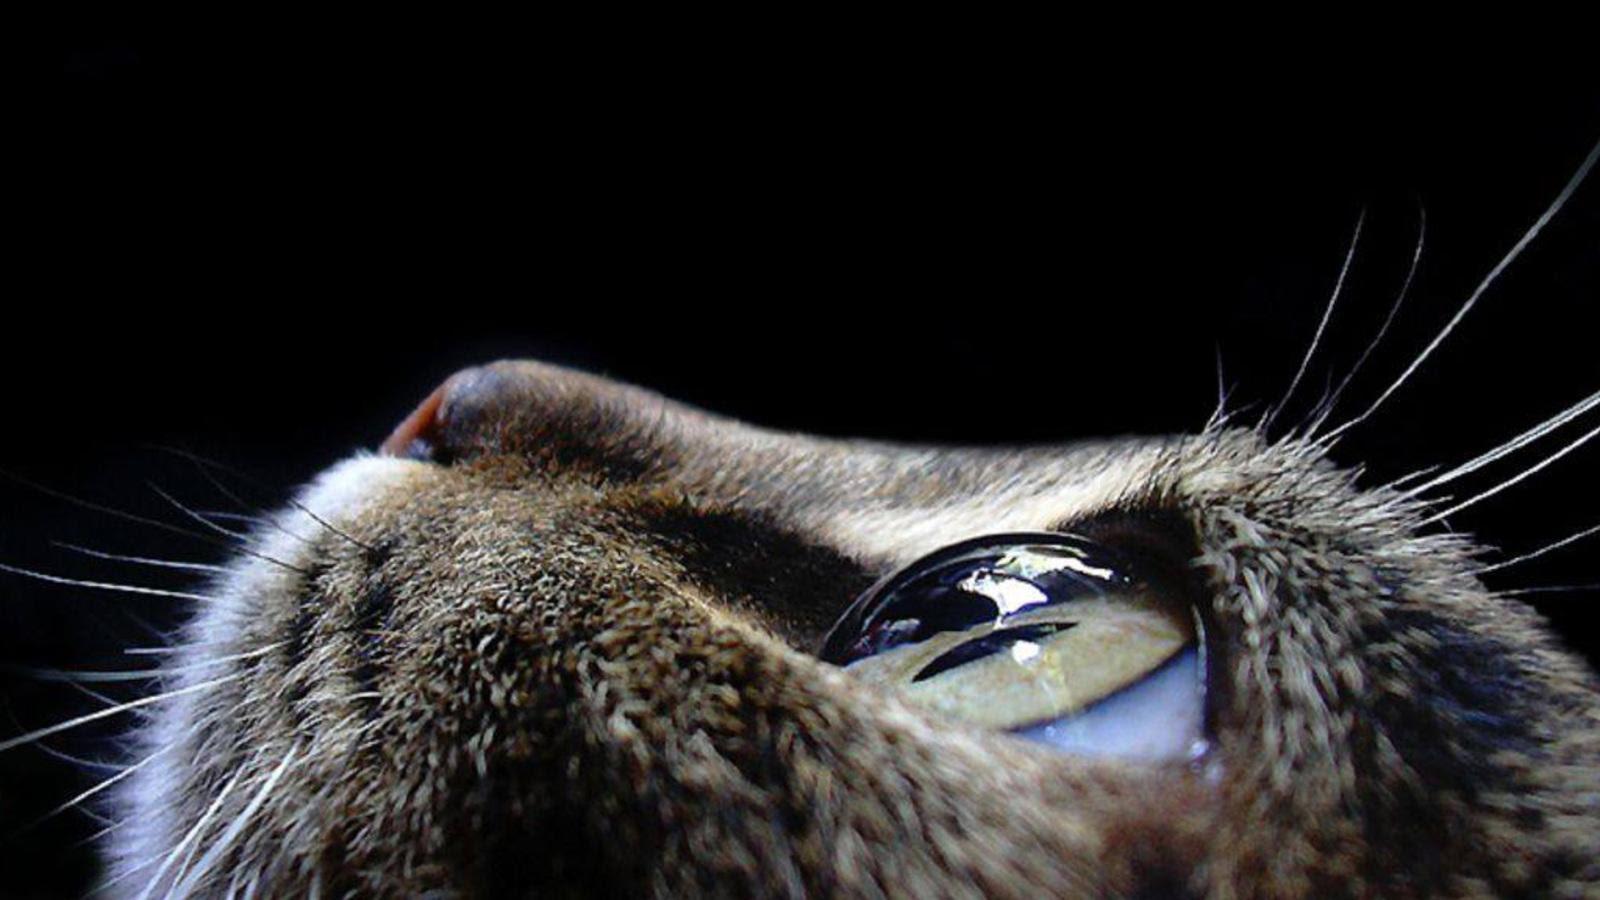 Cat Eye Macro Photography